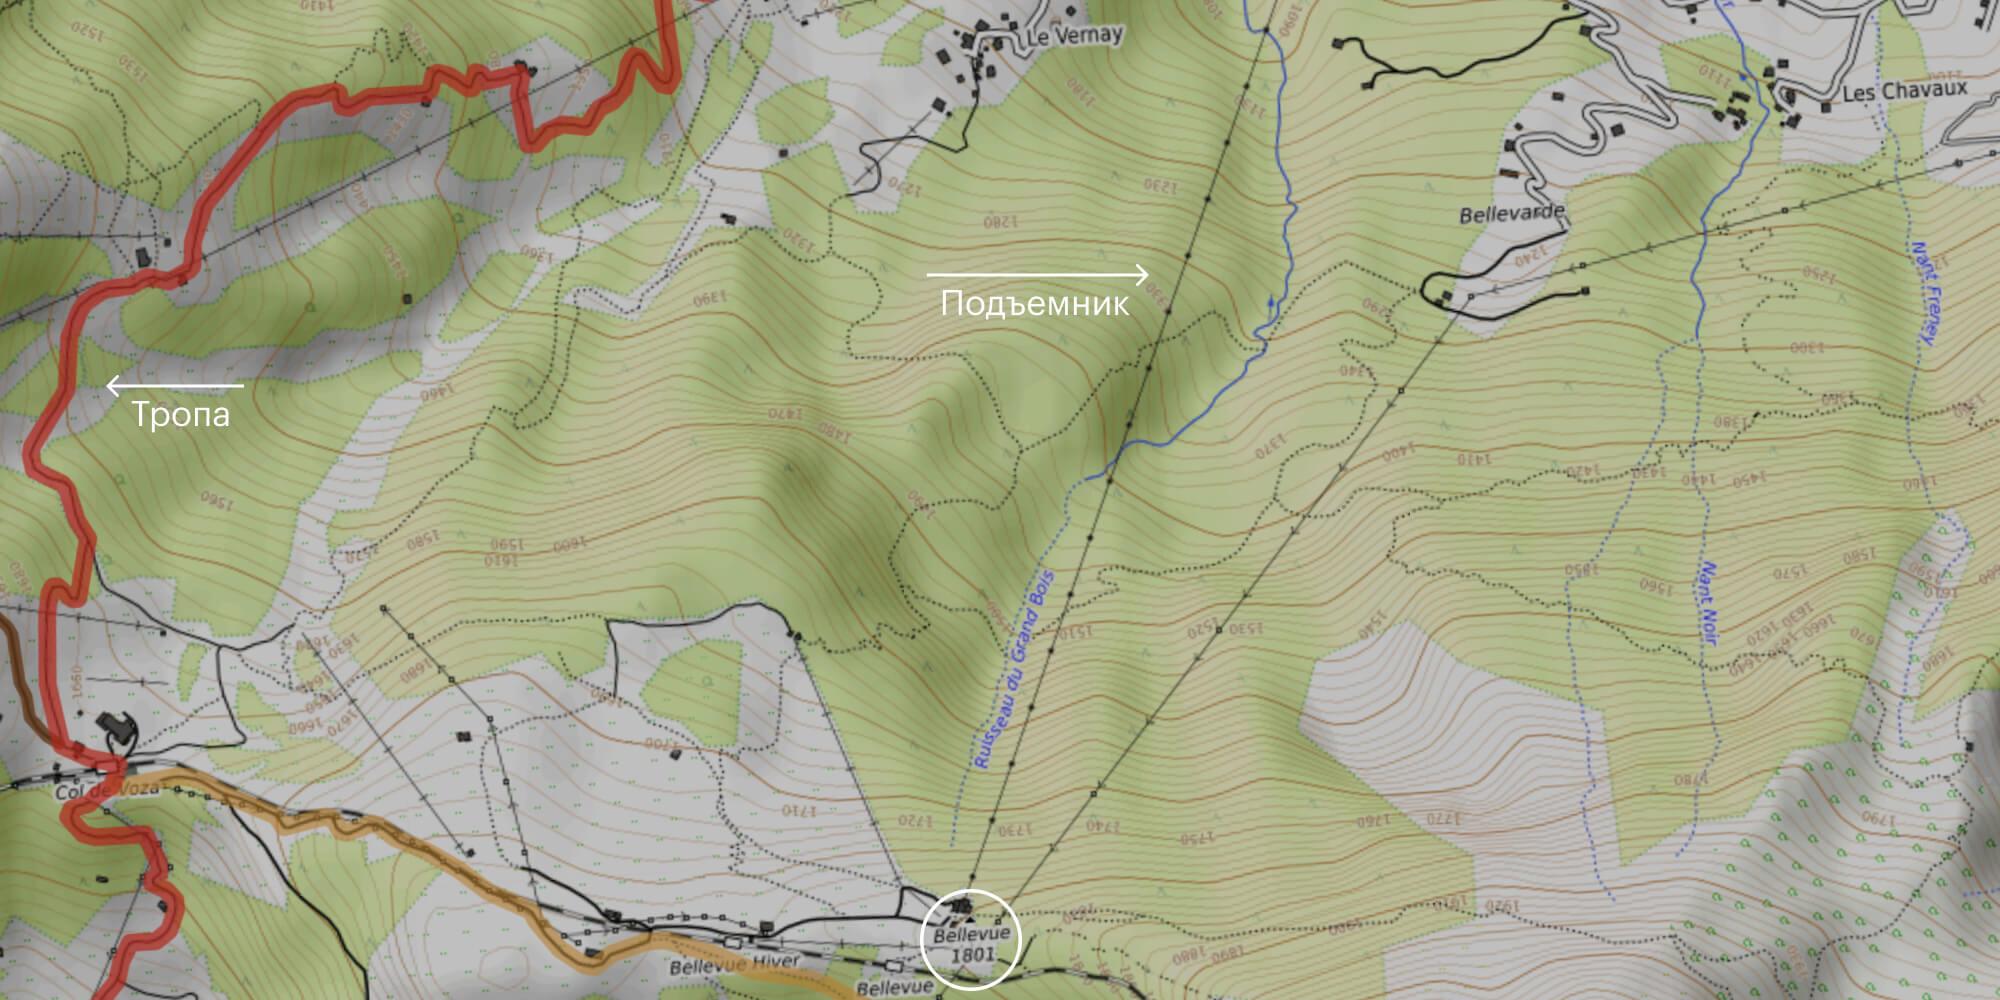 Способы добраться к маршруту из Les Houches на подъемнике или пешком